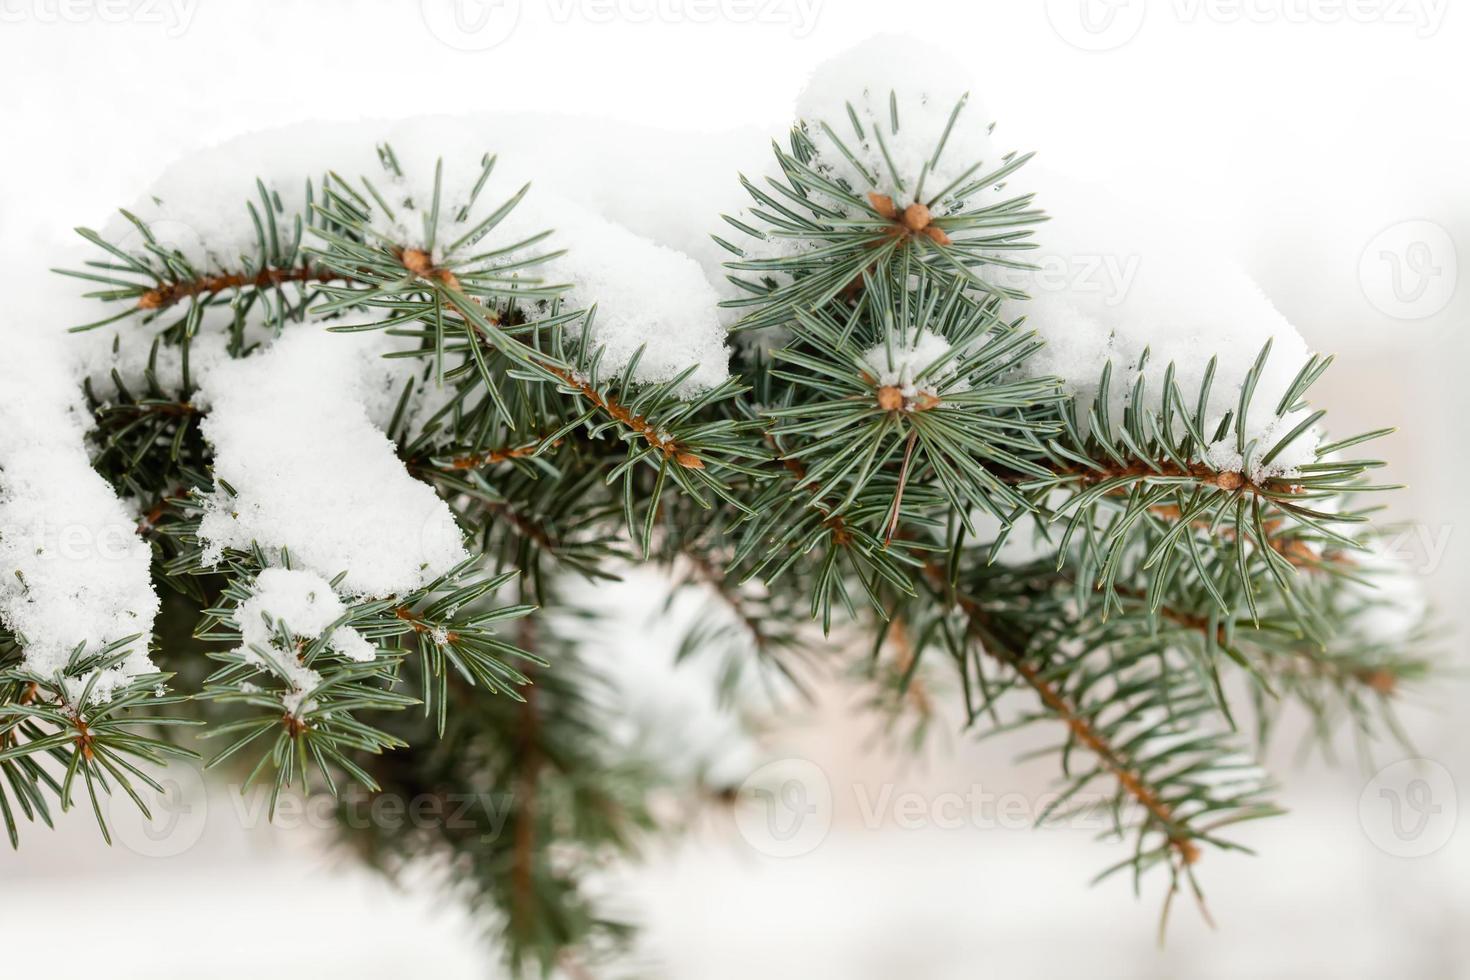 schneebedeckter Fichtenzweig. foto